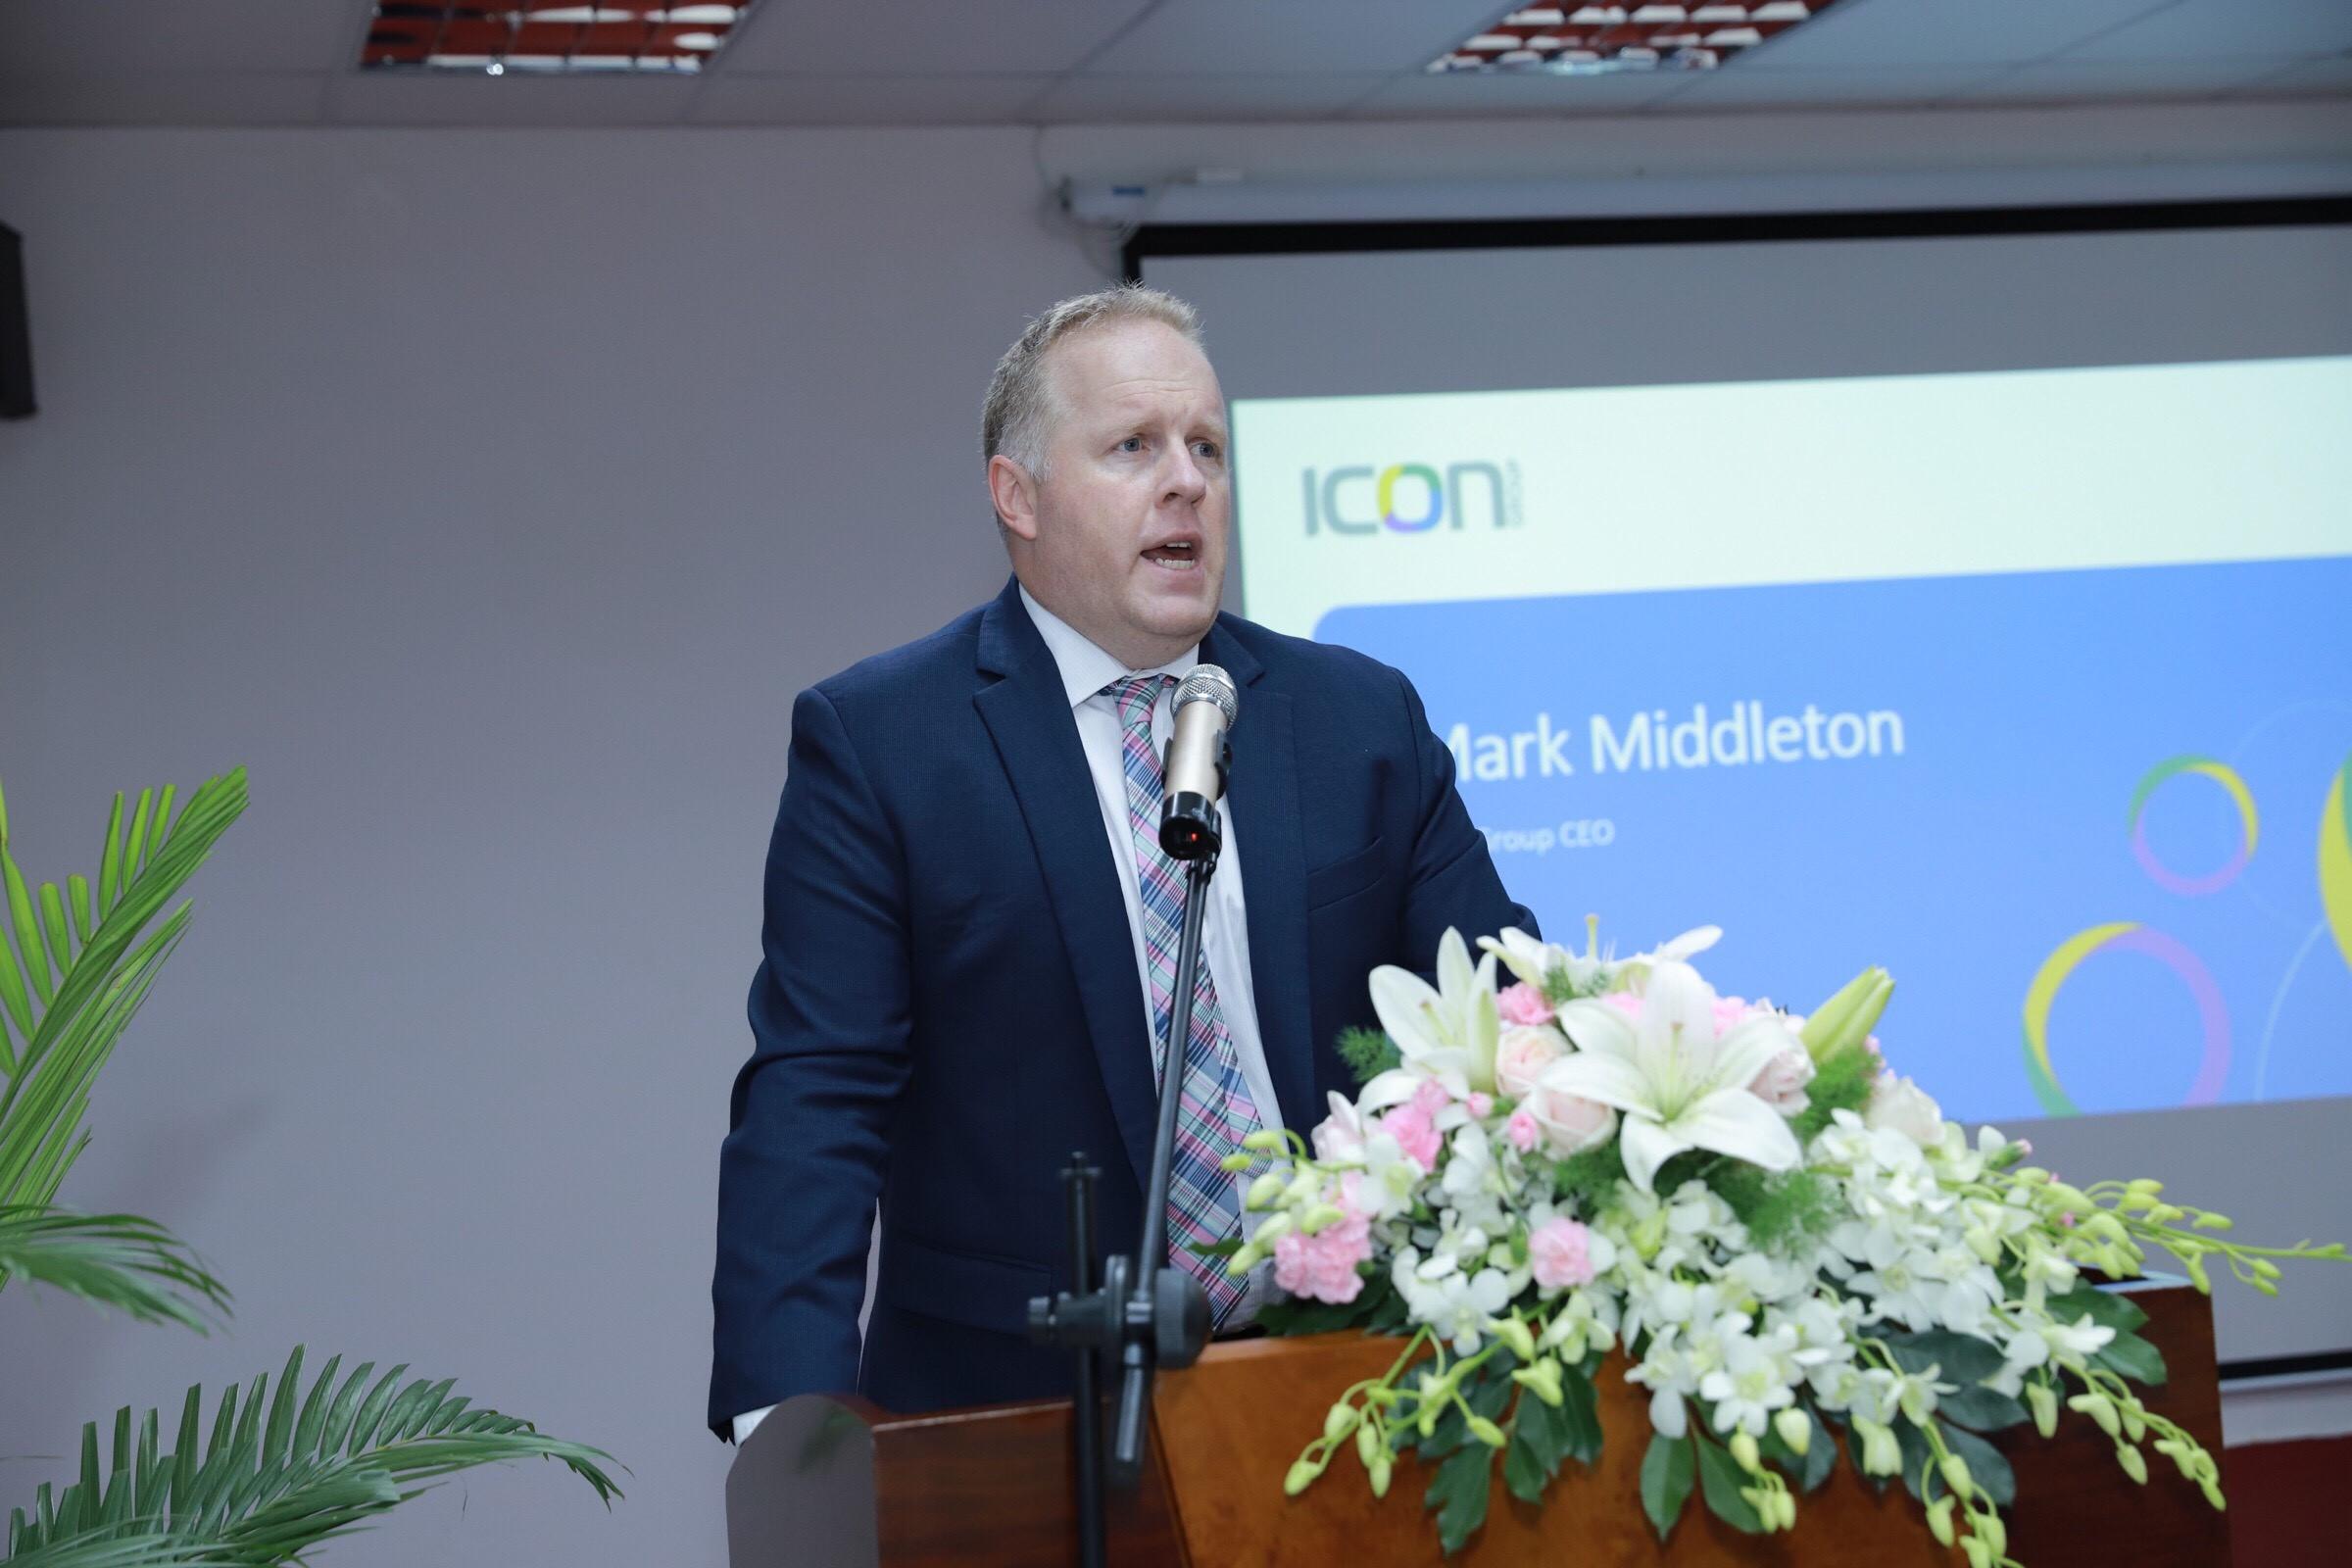 Vinmec và ICON Group hợp tác chiến lược điều trị ung thư theo tiêu chuẩn quốc tế  - Ảnh 2